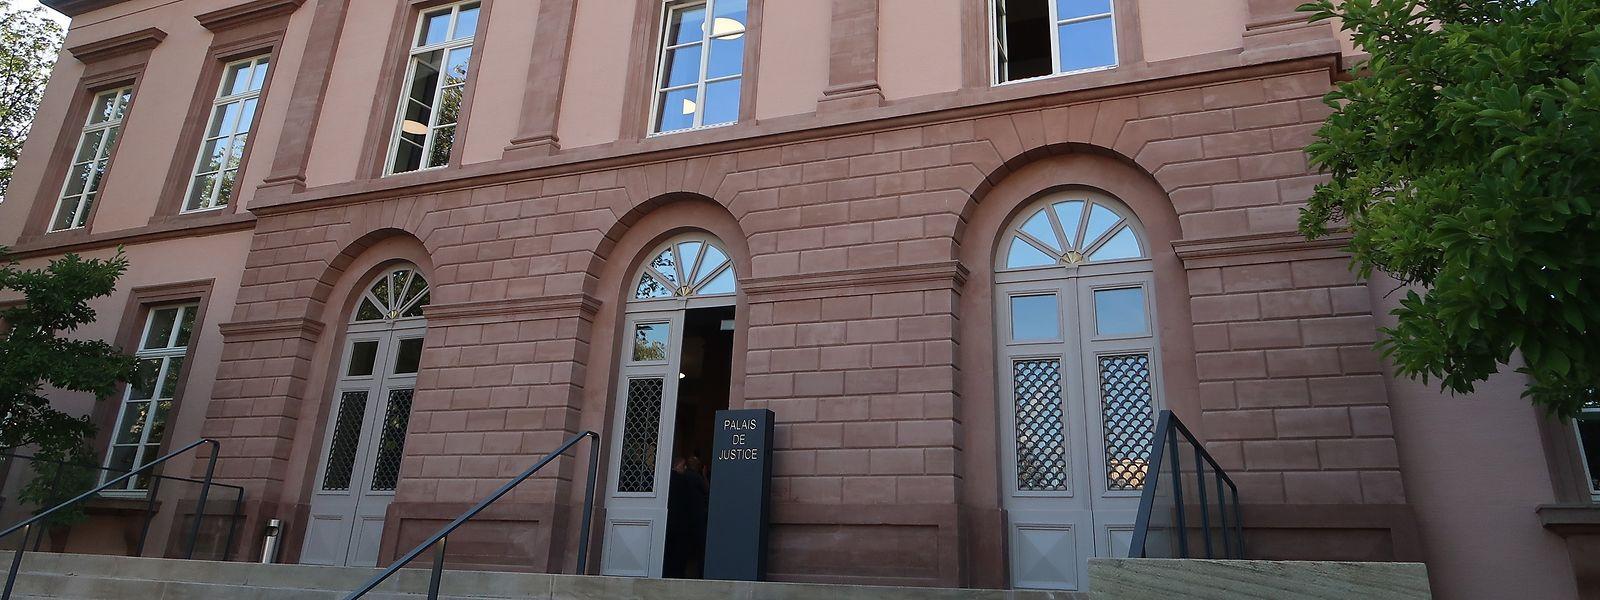 Das Urteil der Richter aus Diekirch ergeht am 17. Juni.